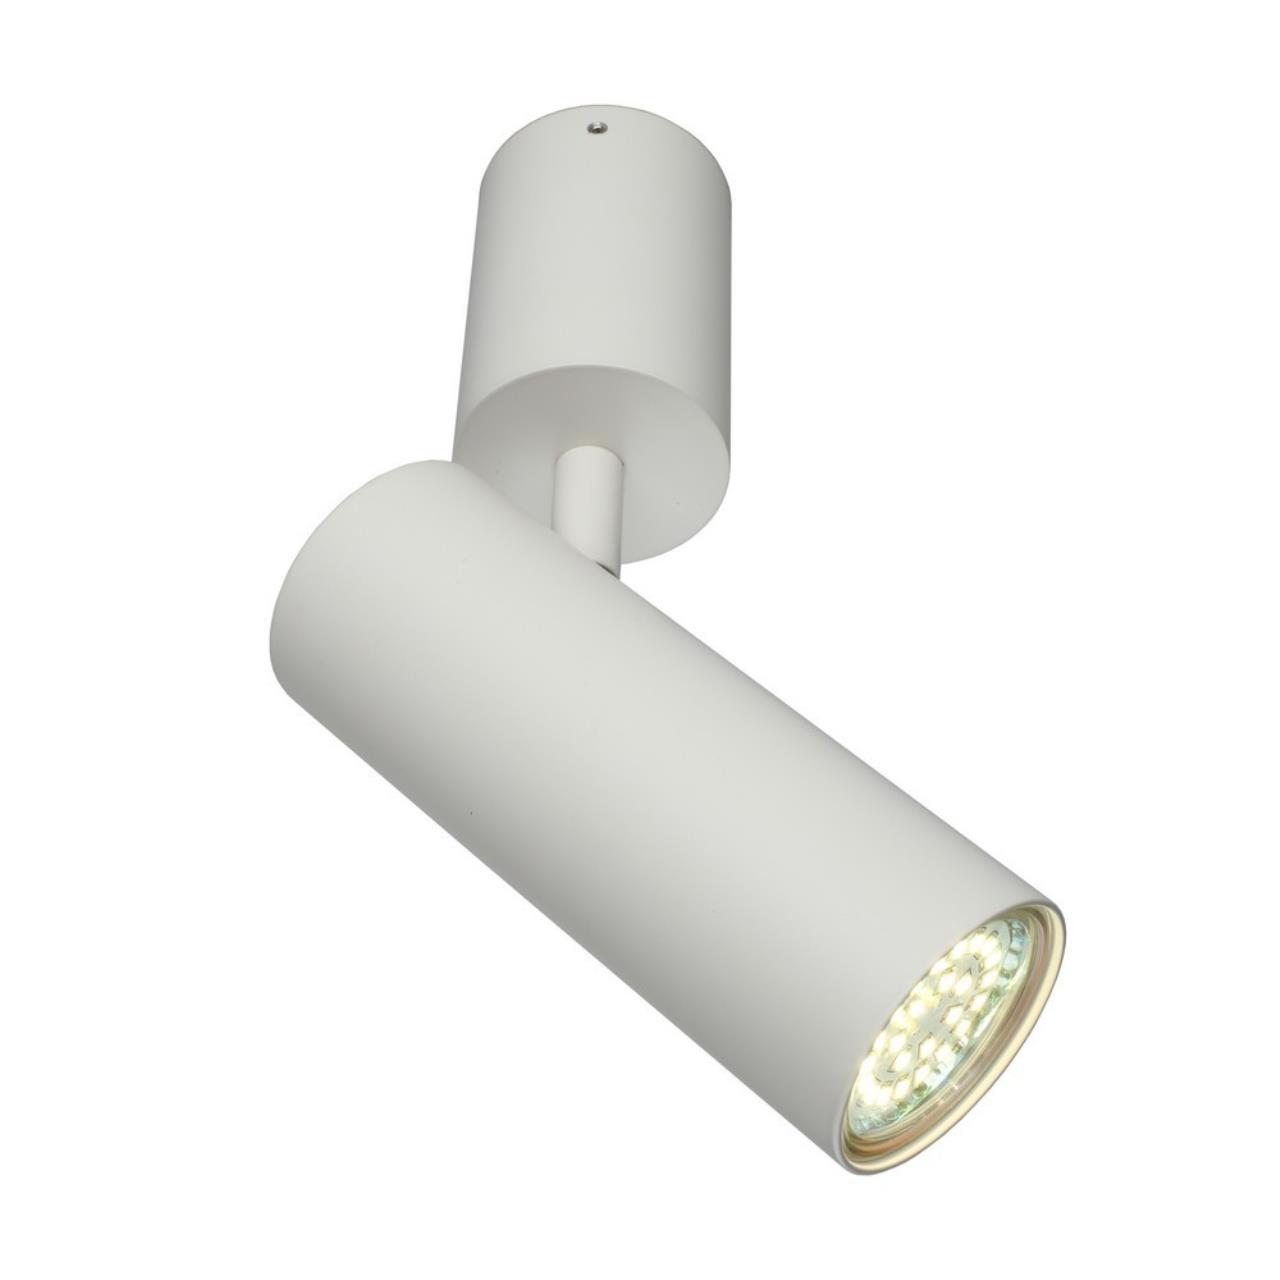 Настенно-потолочный светильник Aployt APL.007.02.01